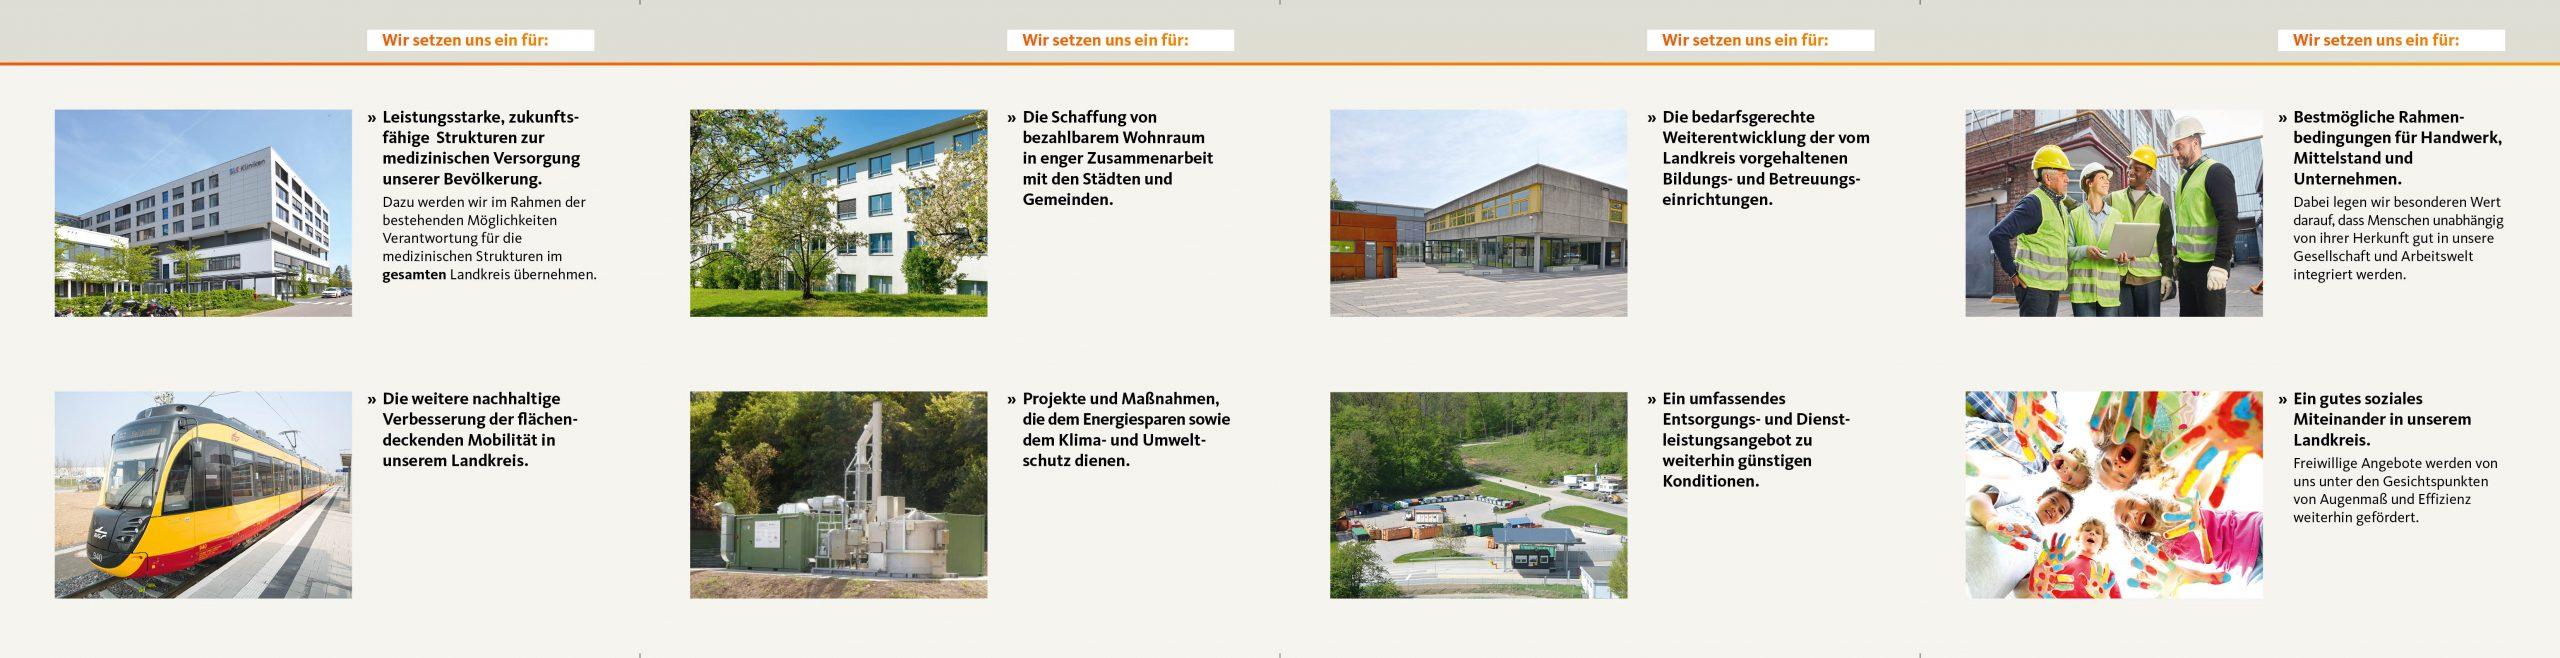 Flyer Kreistagswahl 2019 des Landkreis Heilbronn auf www.cdu-abstatt.de – Innenseite